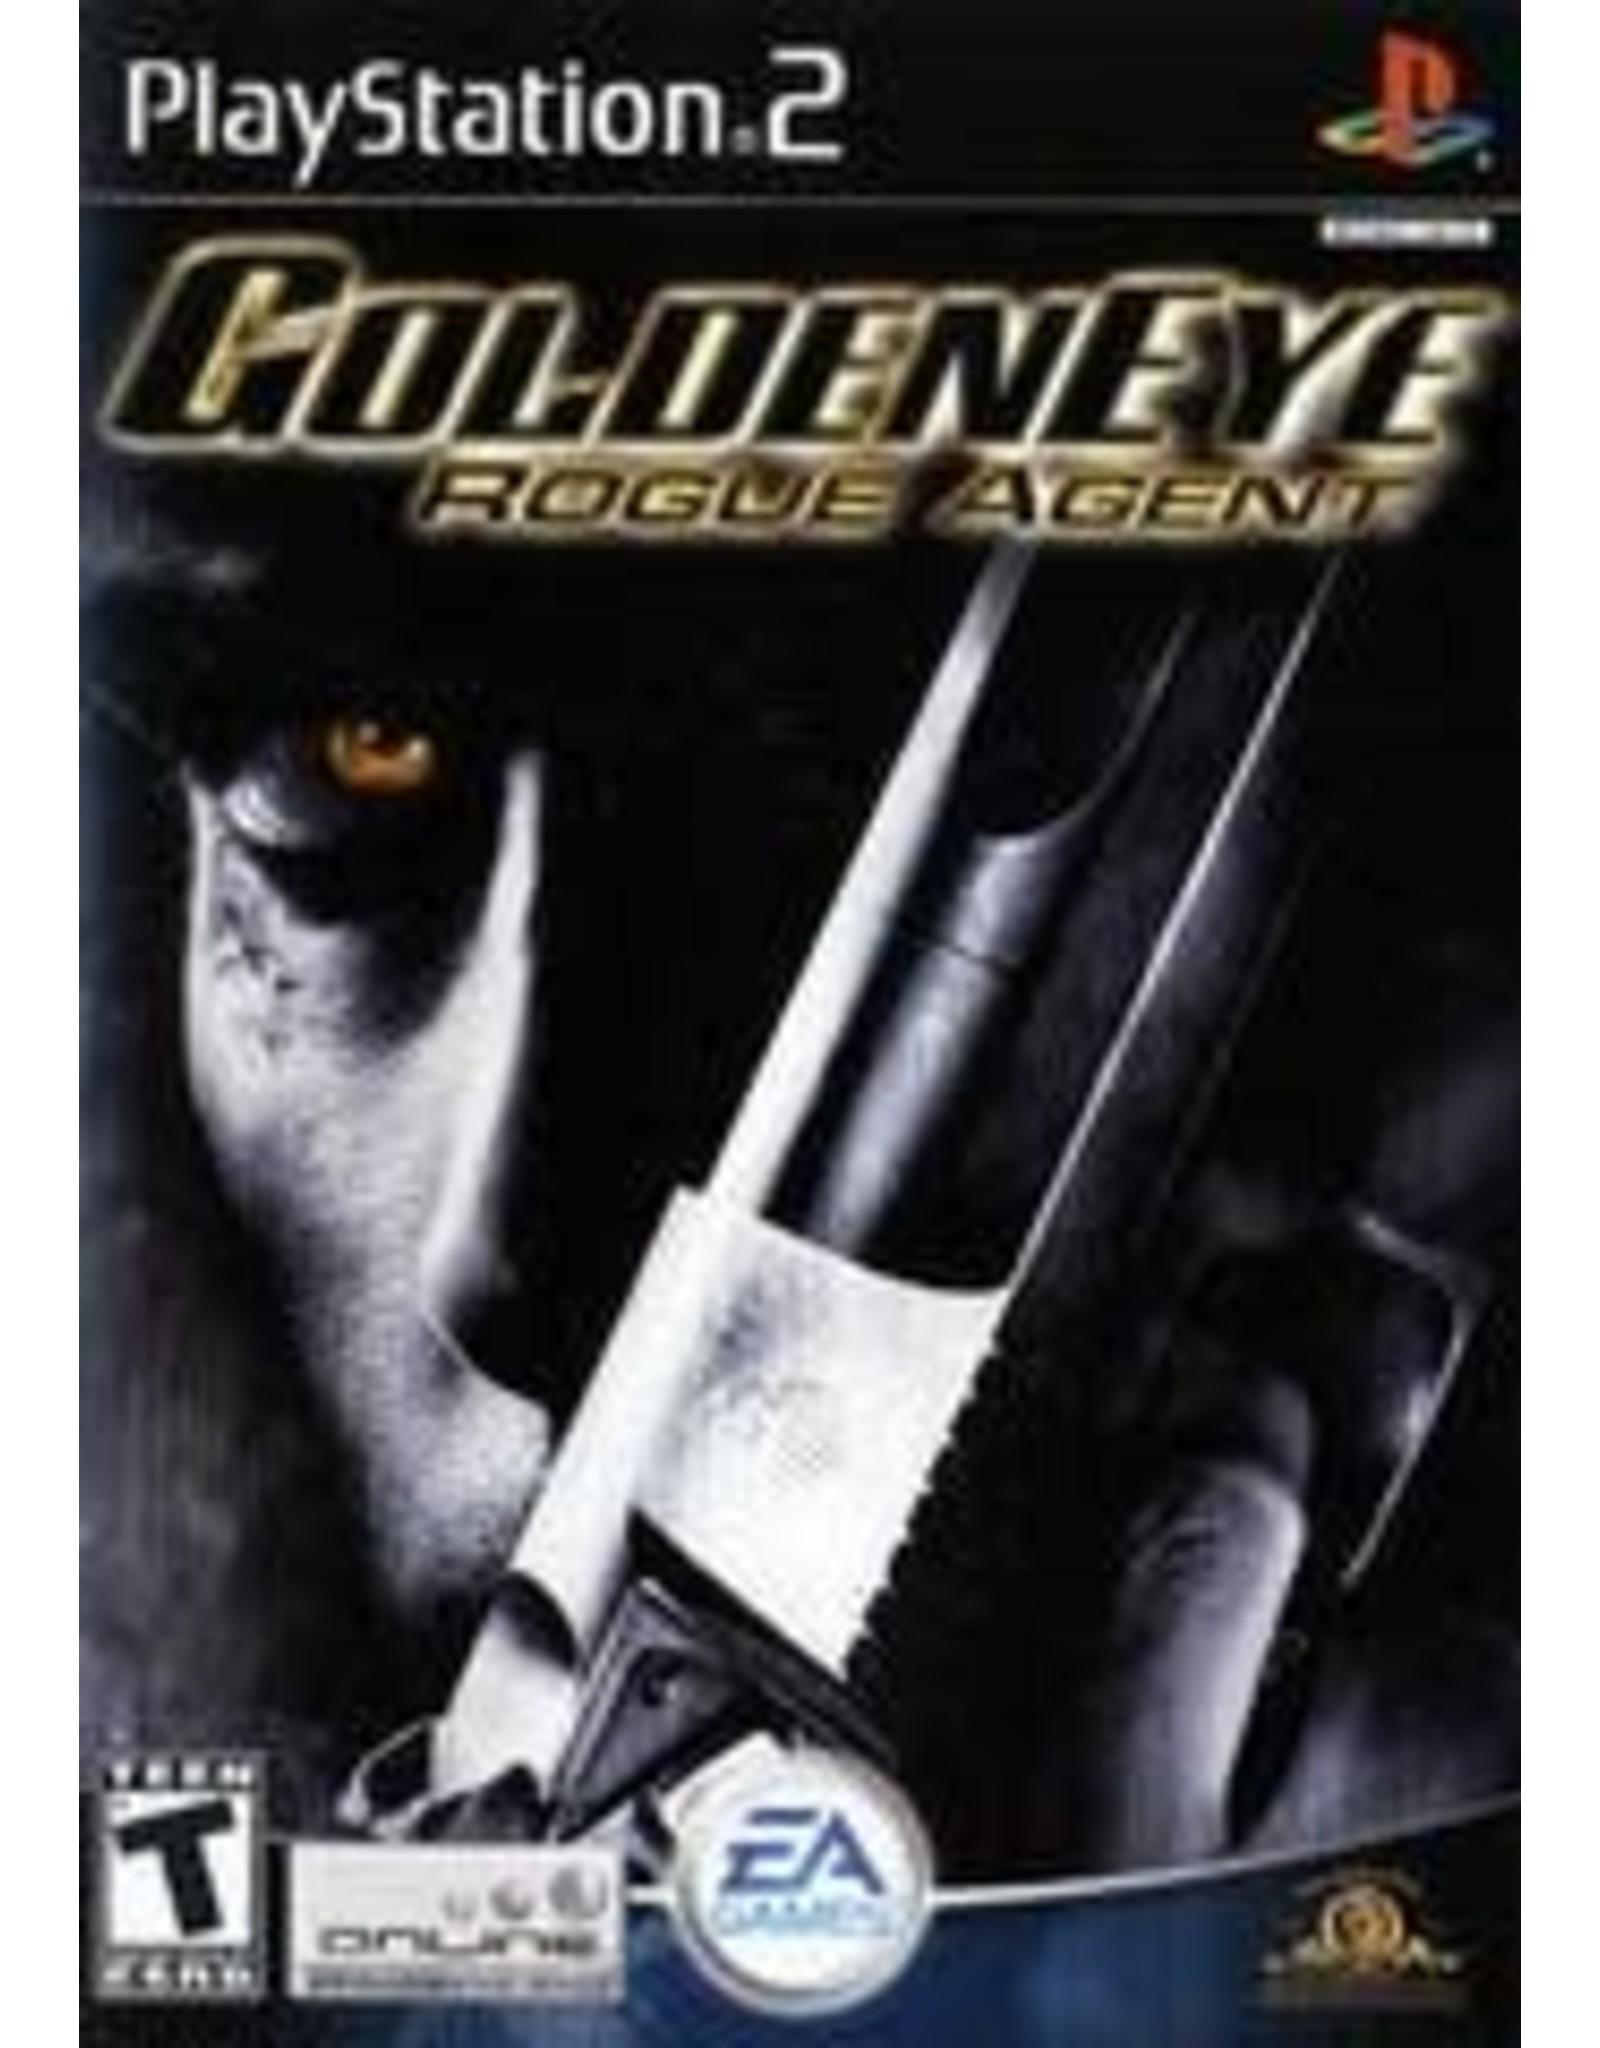 Playstation 2 007 GoldenEye Rogue Agent (CIB)